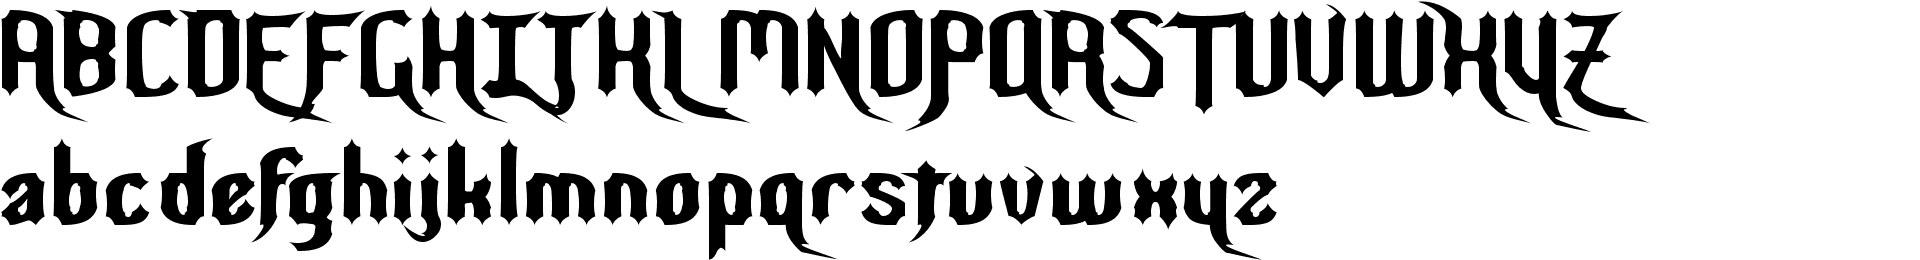 Nightwarrior Normal